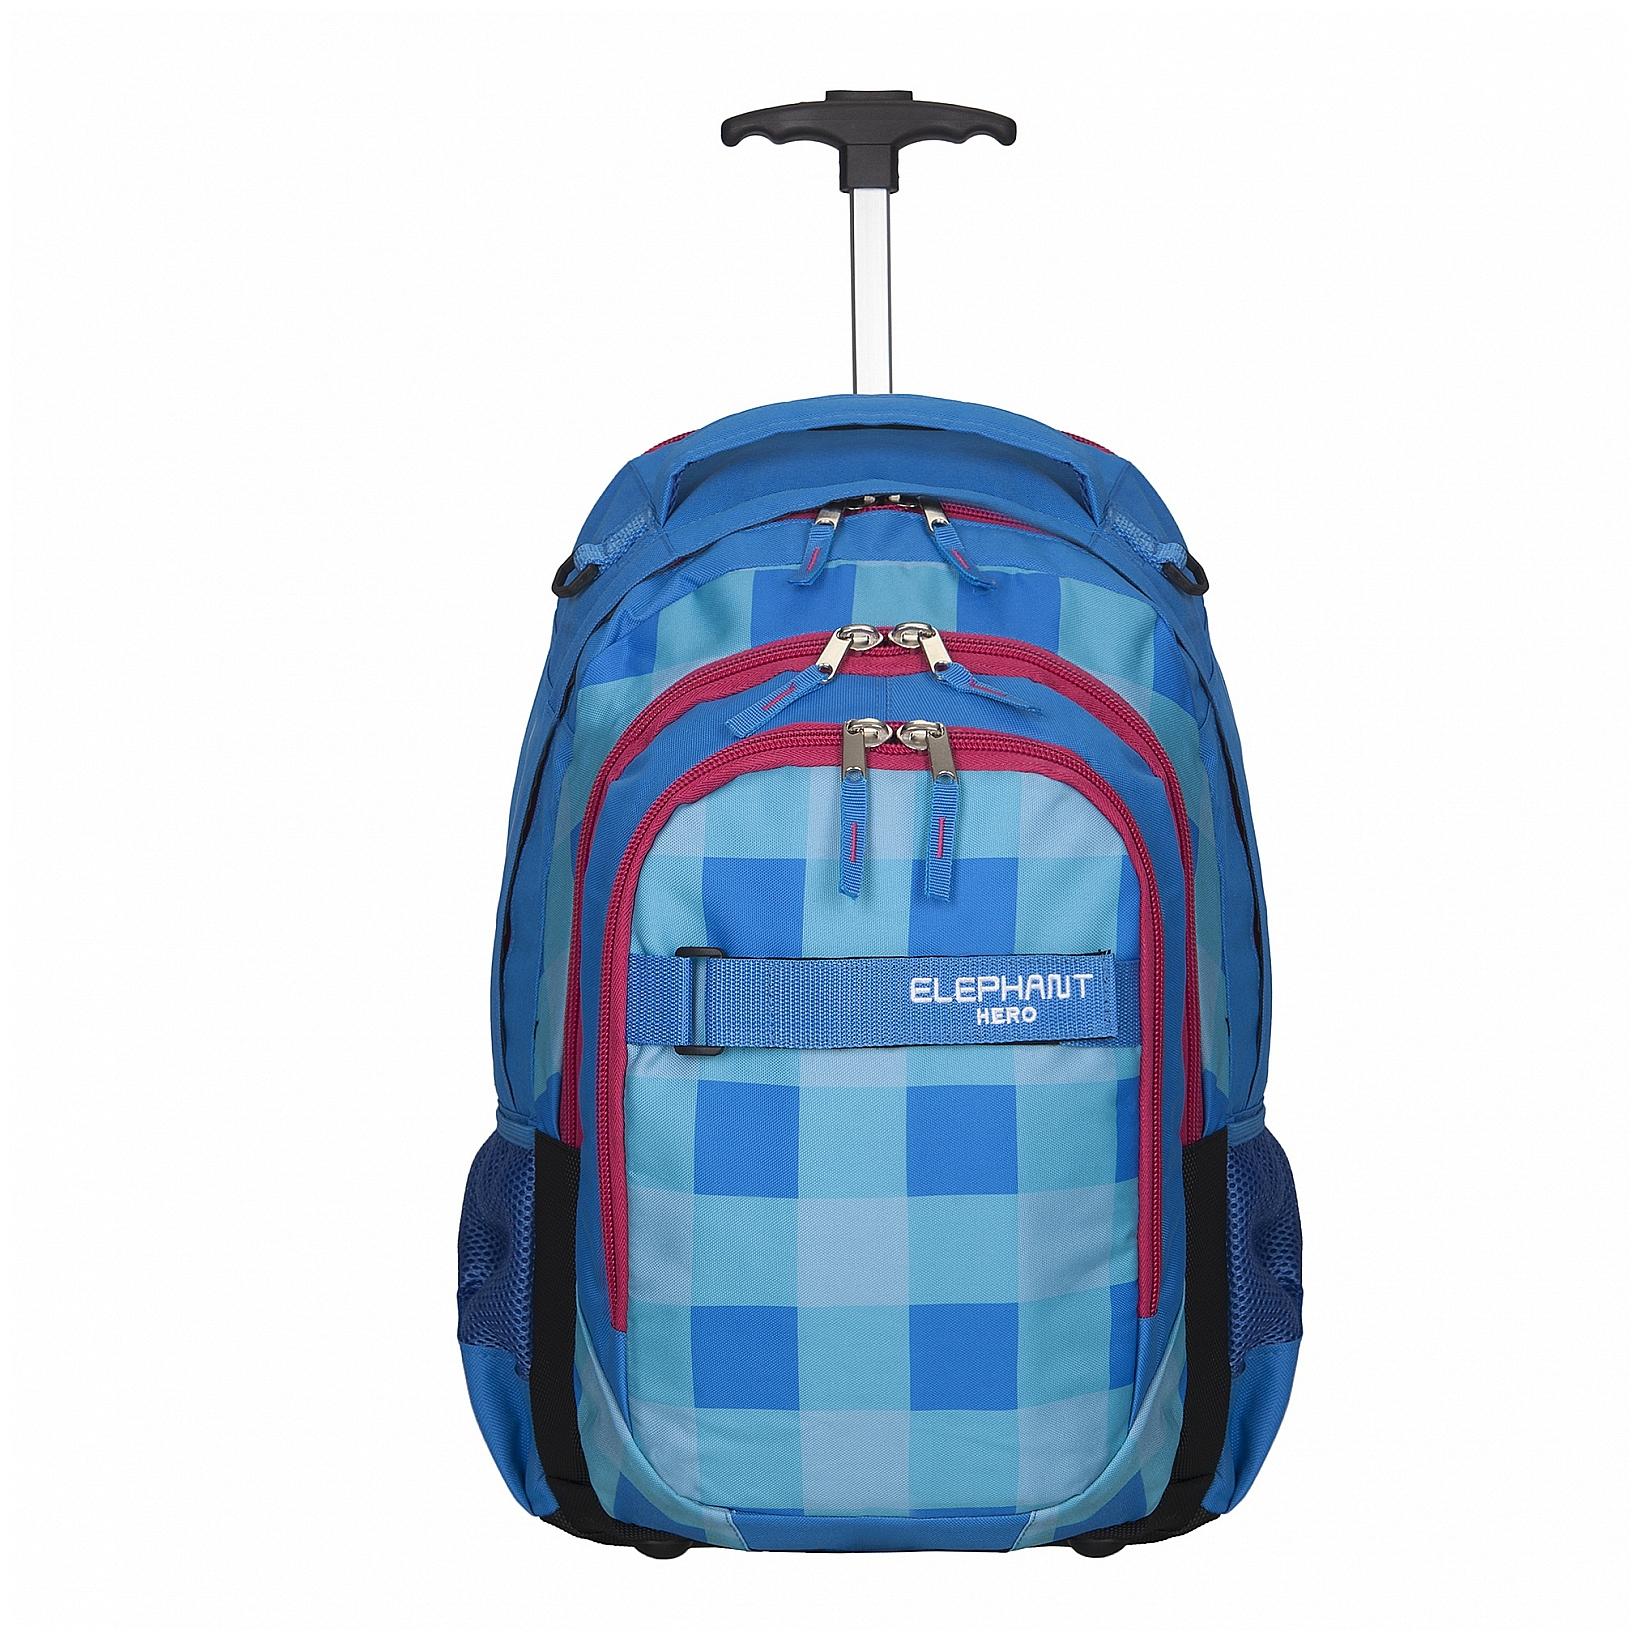 Elephant Školní batoh na kolečkách 12610 Elephant Hero modro-červený